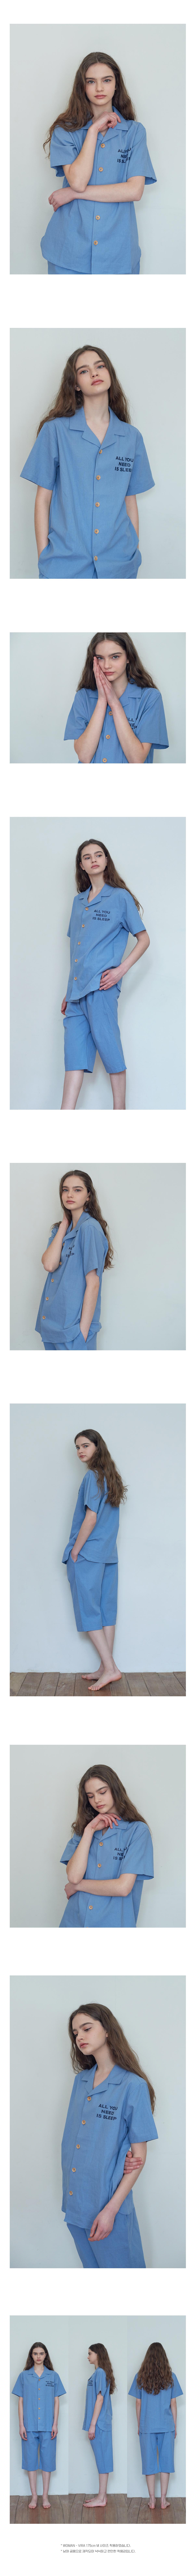 더스프링홈(THE SPRING HOME) 더시원한 린넨 여름잠옷 SET - 블루